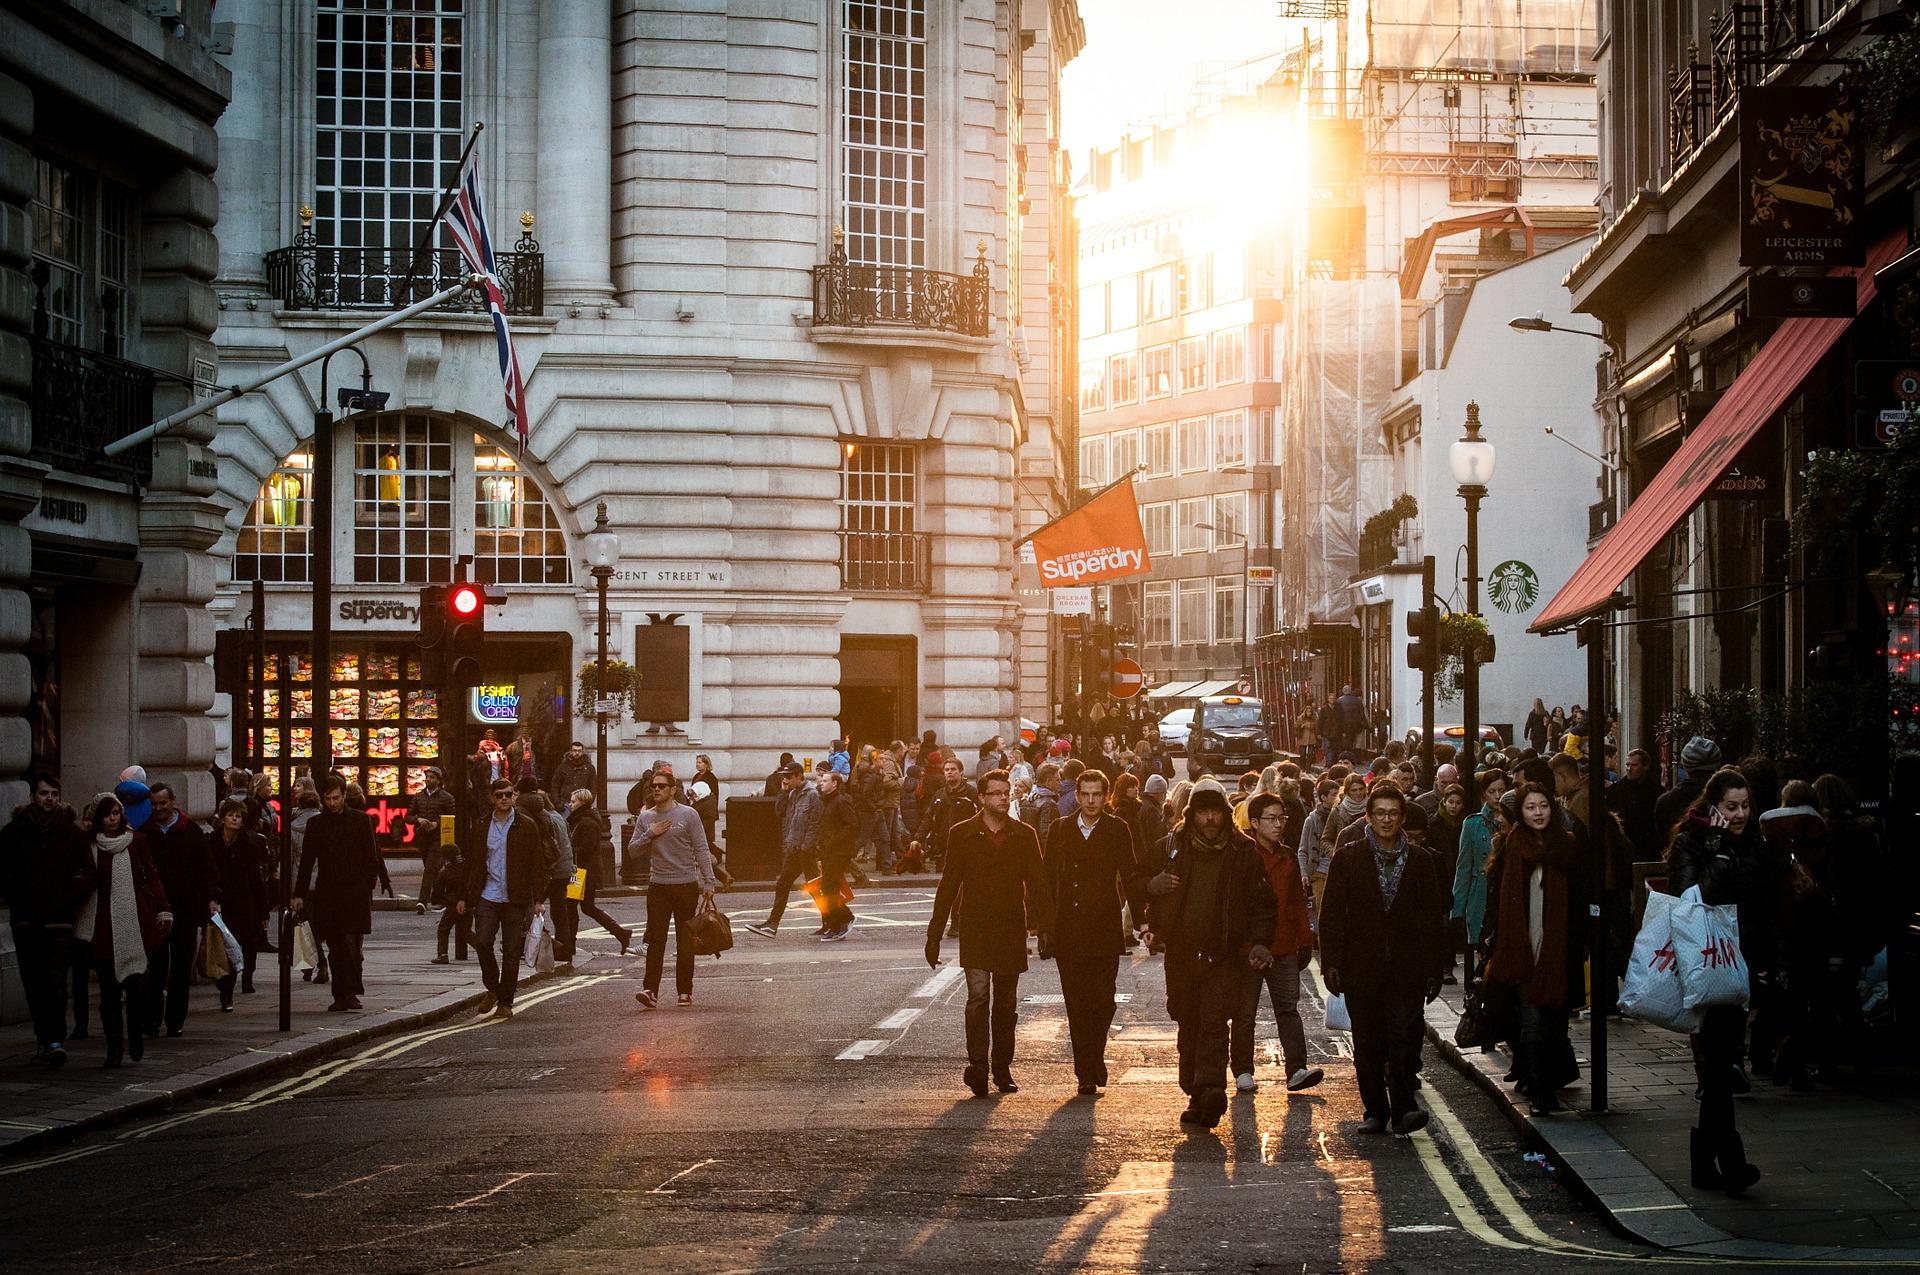 Kuvassa englantilaisia kävelemässä kaupunkimaisemassa.